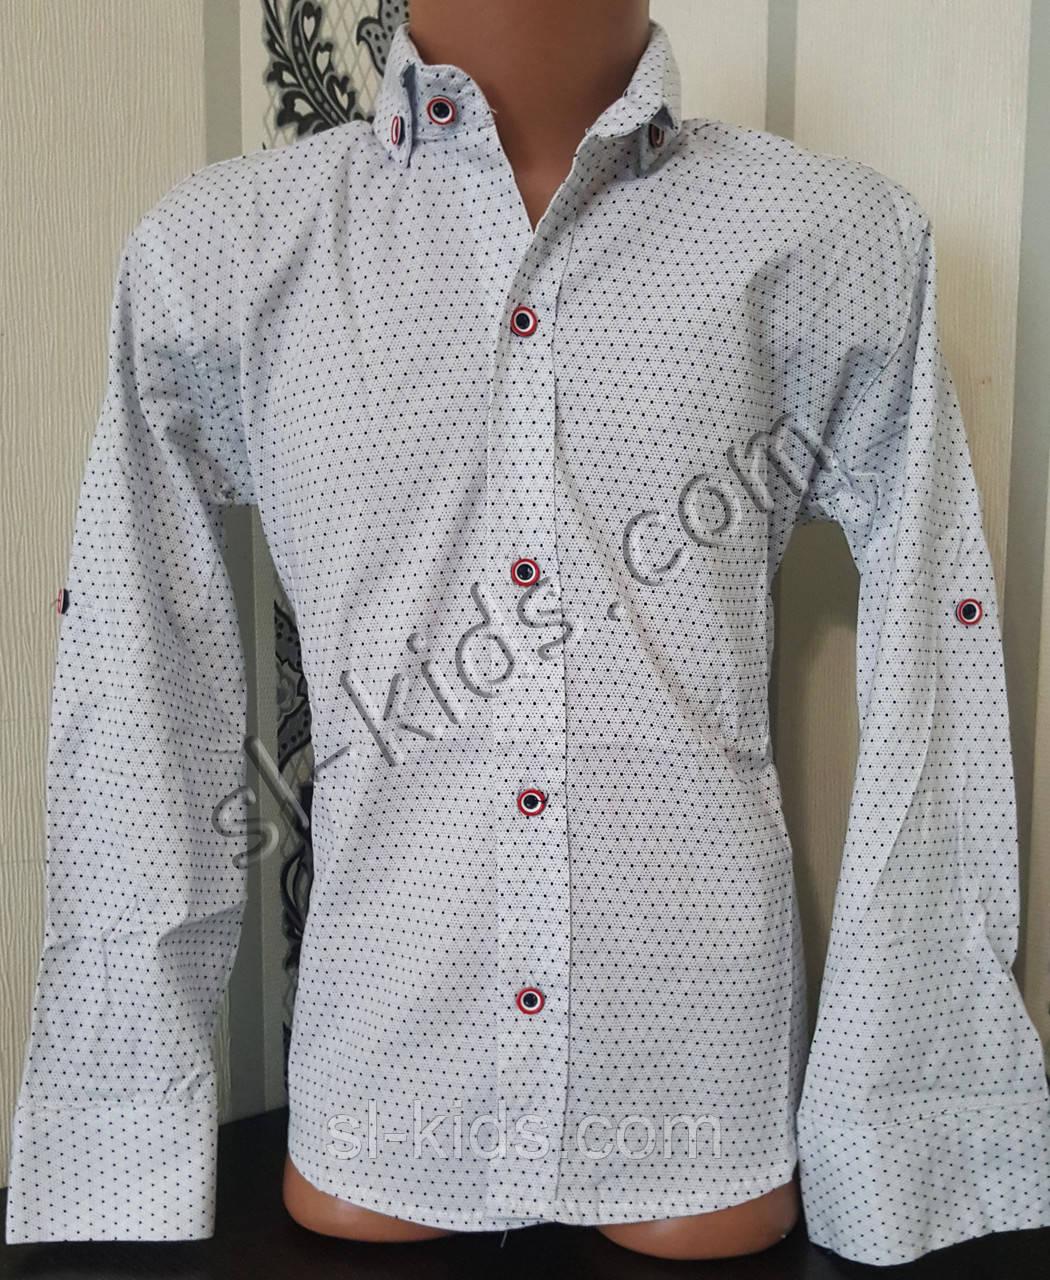 Стильна стрейчева сорочка для хлопчика 116-152 см (роздр) (Б02) (пр. Туреччина)